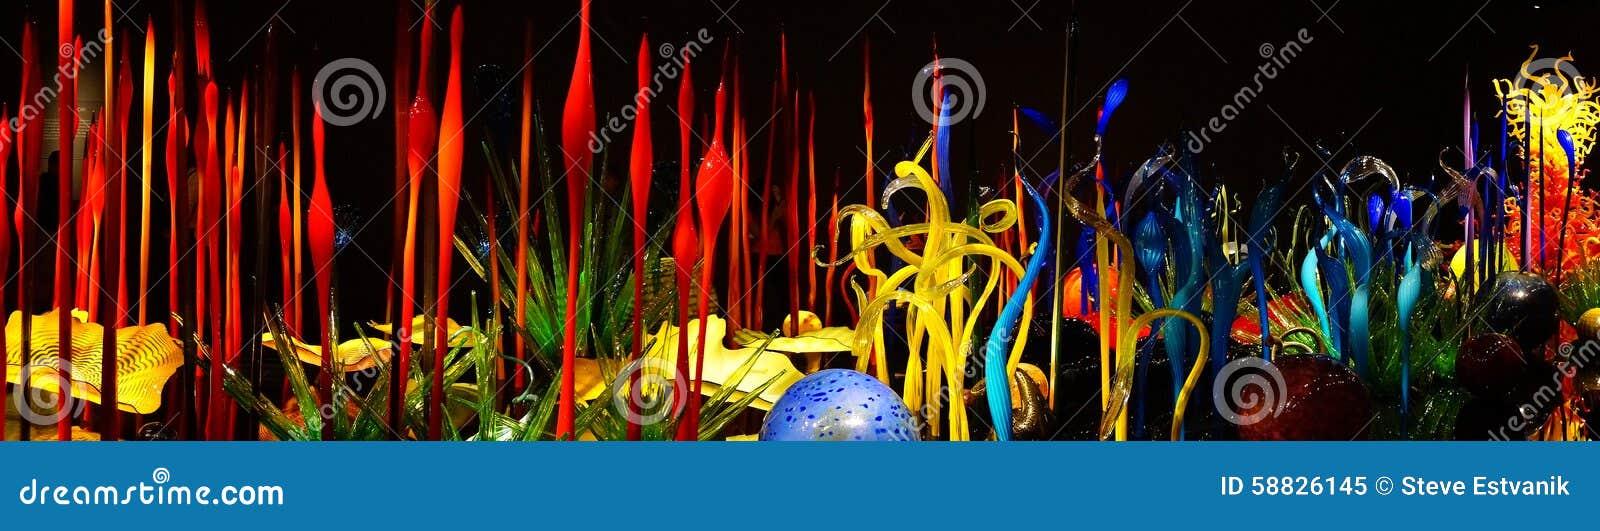 Выдувное стекло в абстрактных формах